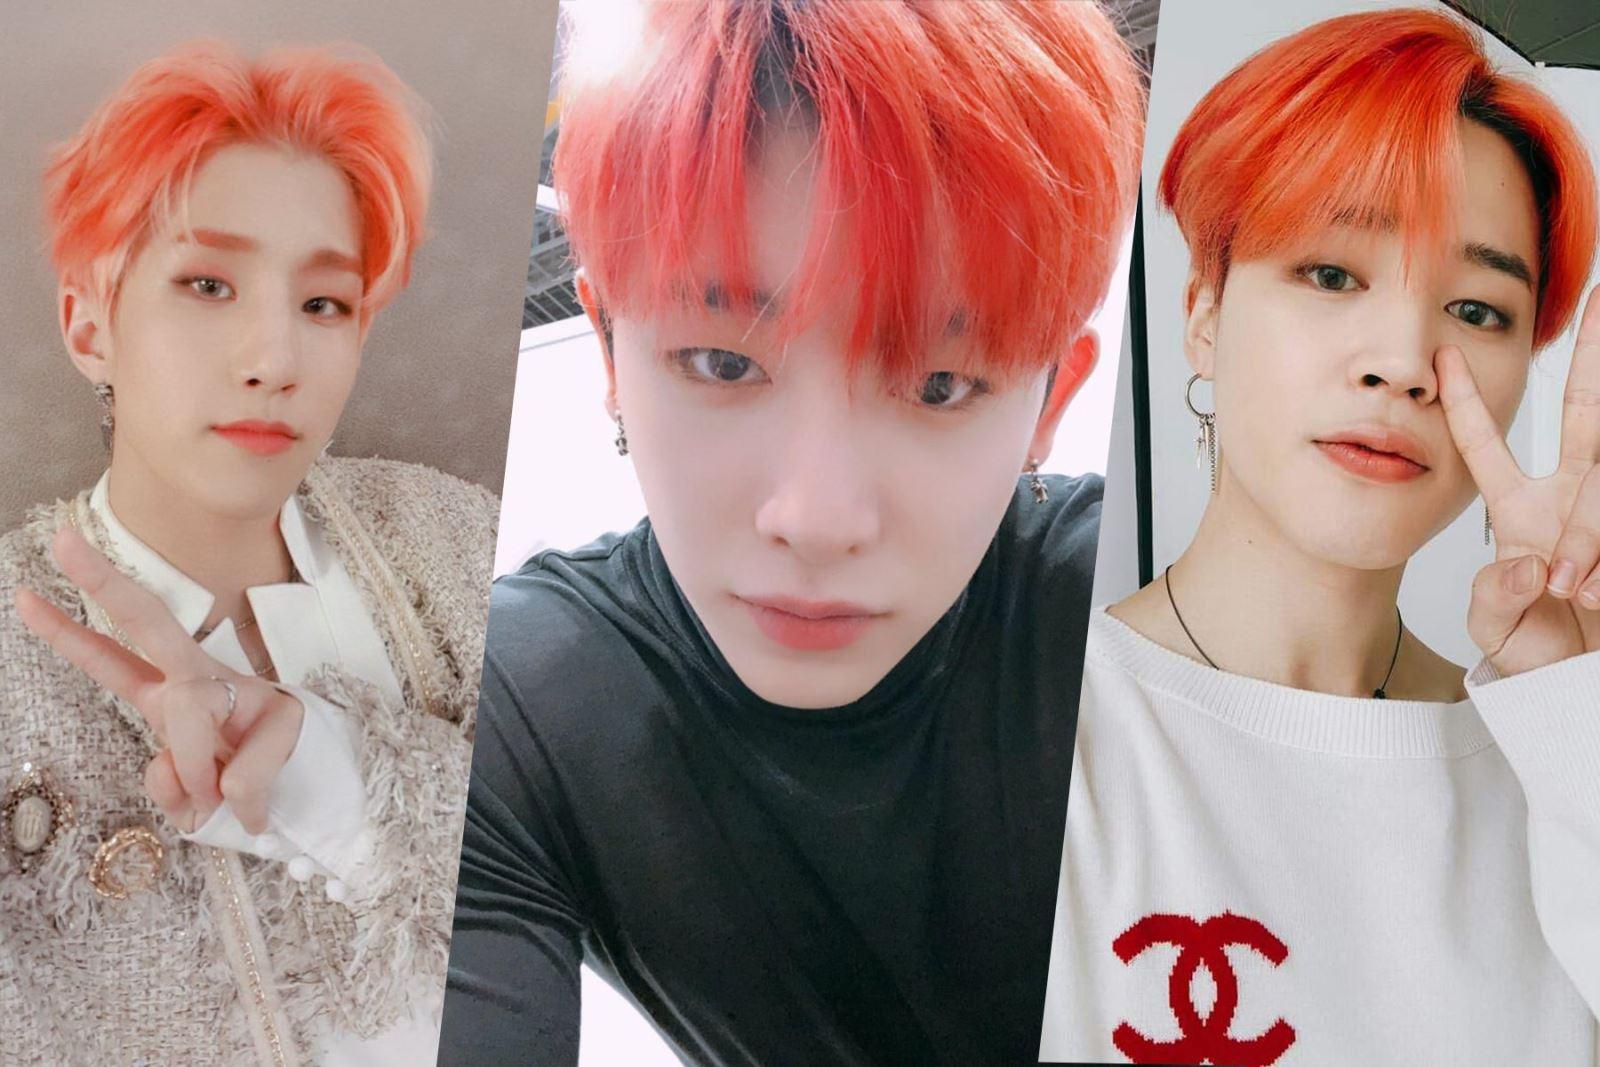 BTS, IU, Màu tóc của BTS. Màu tóc Calypso của BTS, IU, Kpop, màu tóc, hot trend, mốt tóc của BTS